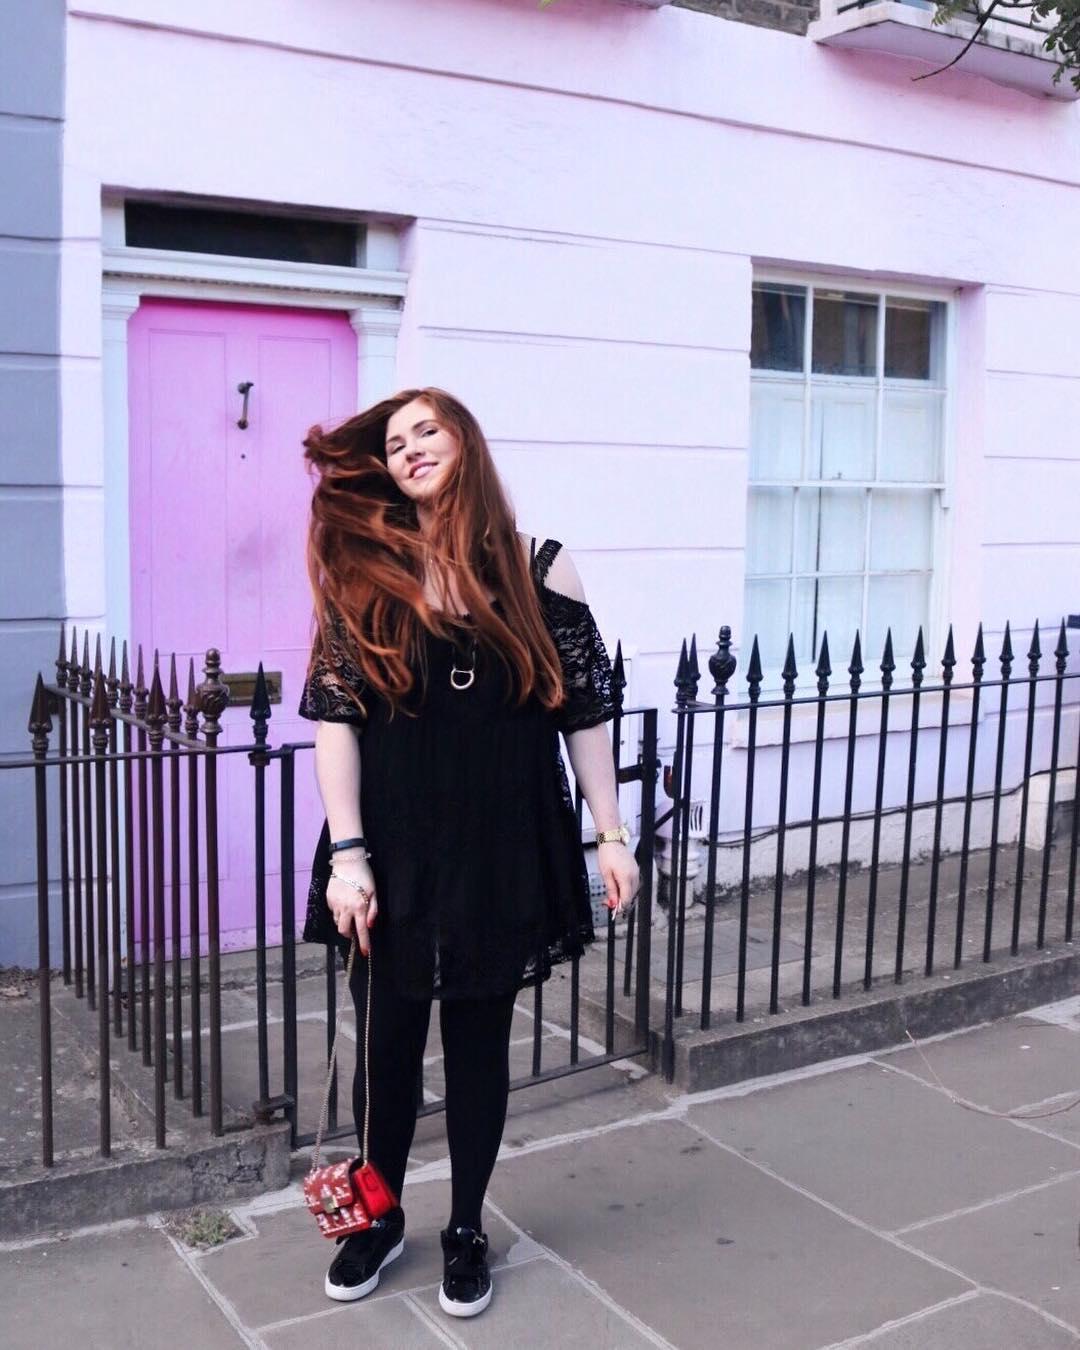 Fashion Blog deutsch mit langen Haaren Modebloggerin rote Tasche schwarzes Kleid